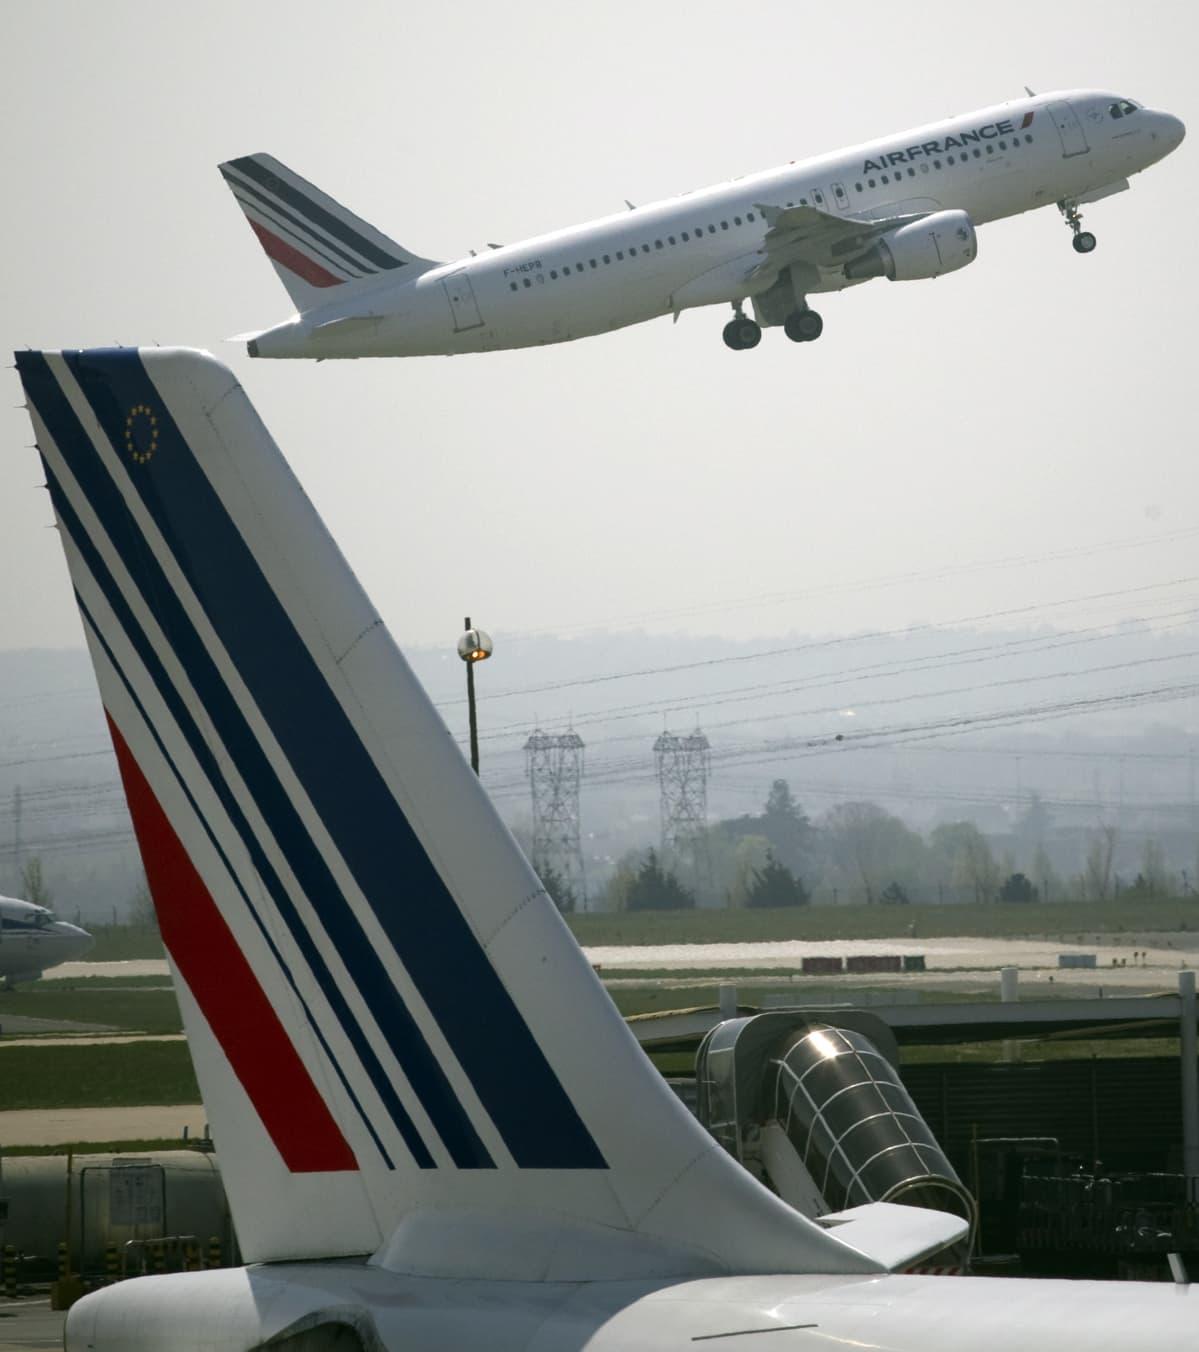 Air France aloittaa jälleen Teheranin lennot vuosien tauon jälkeen.